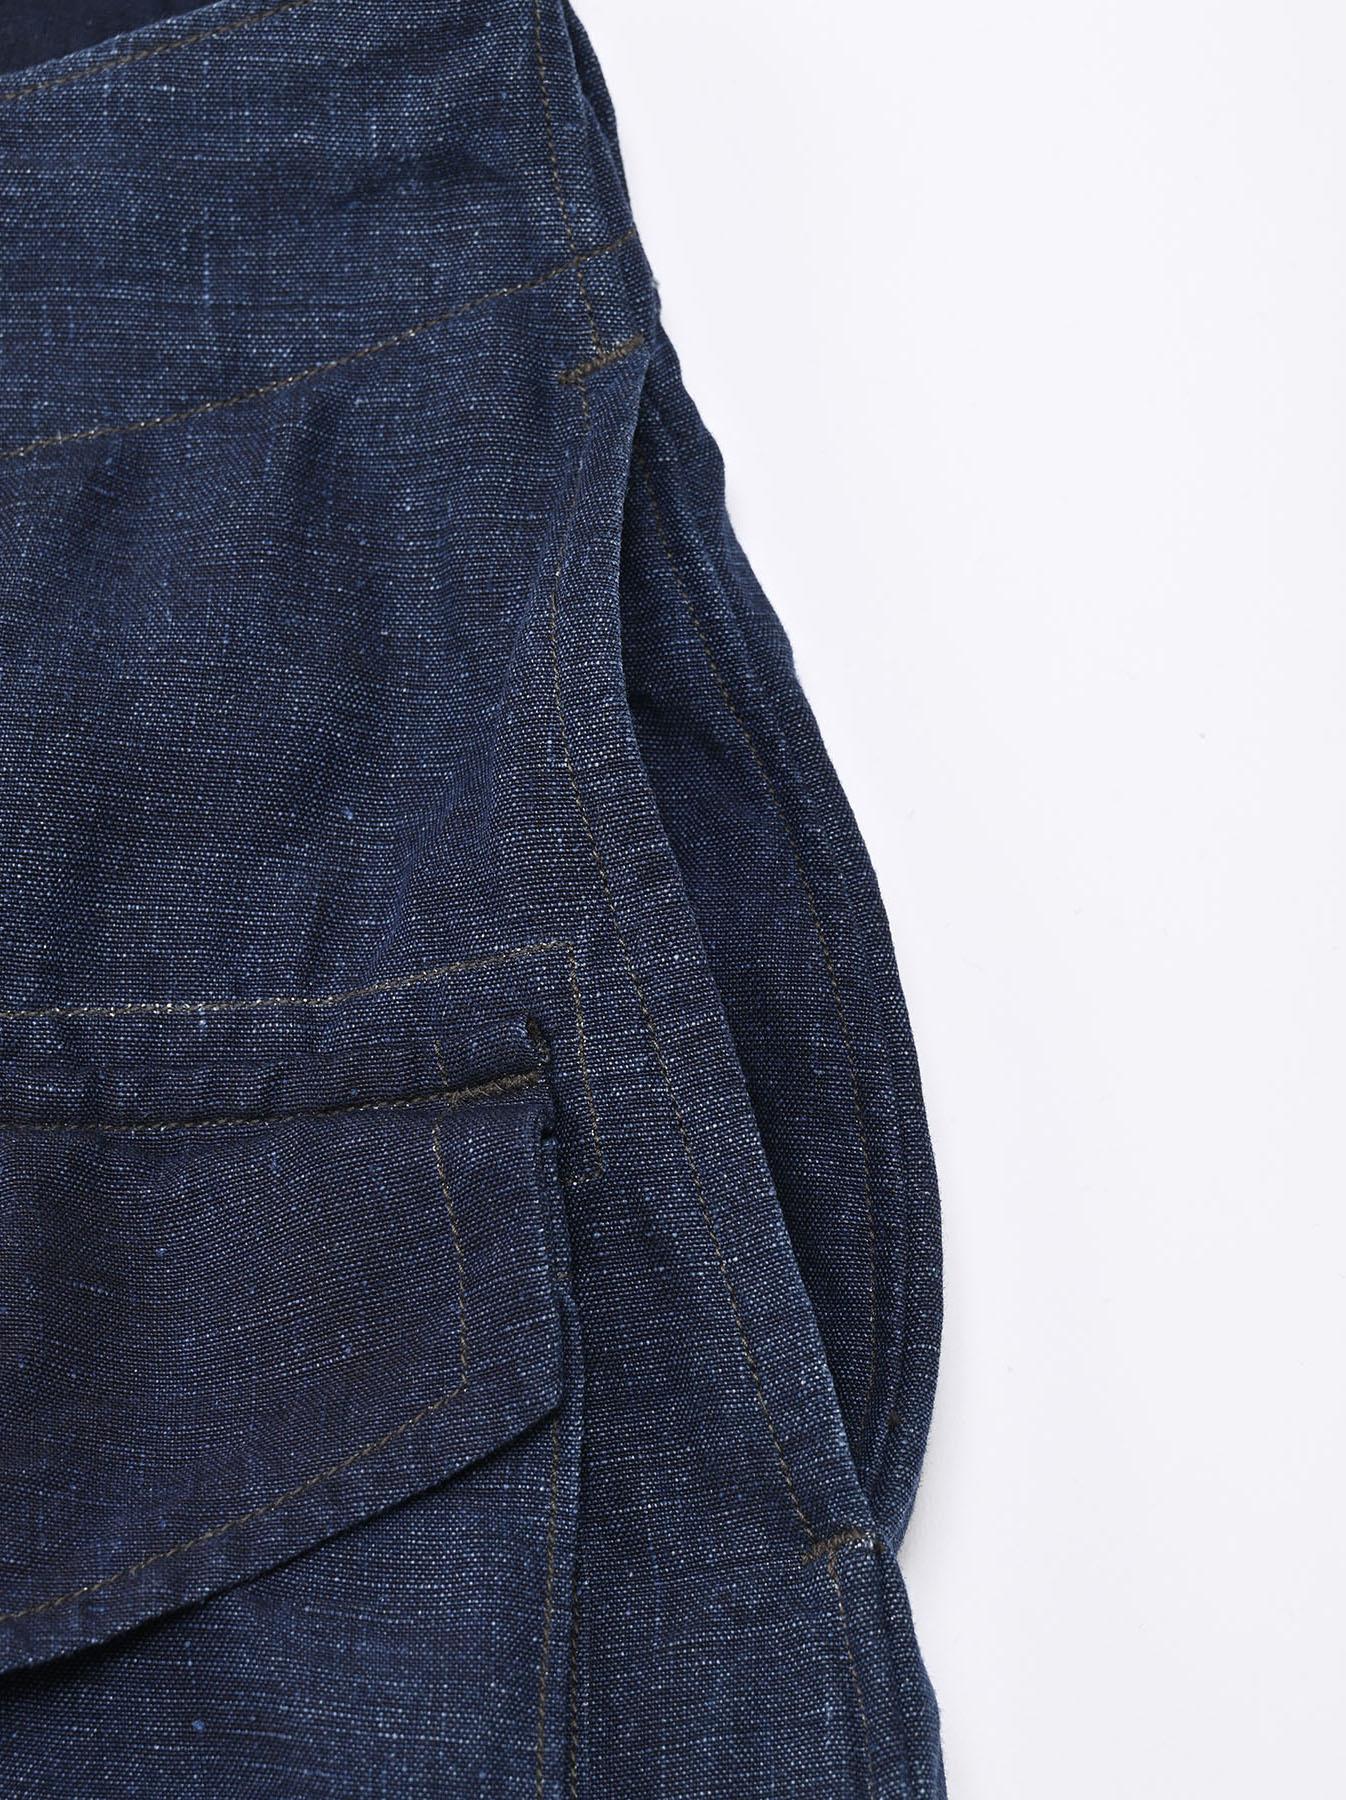 Indigo Nou Linen 908 Easy Sail Pants (0721)-7